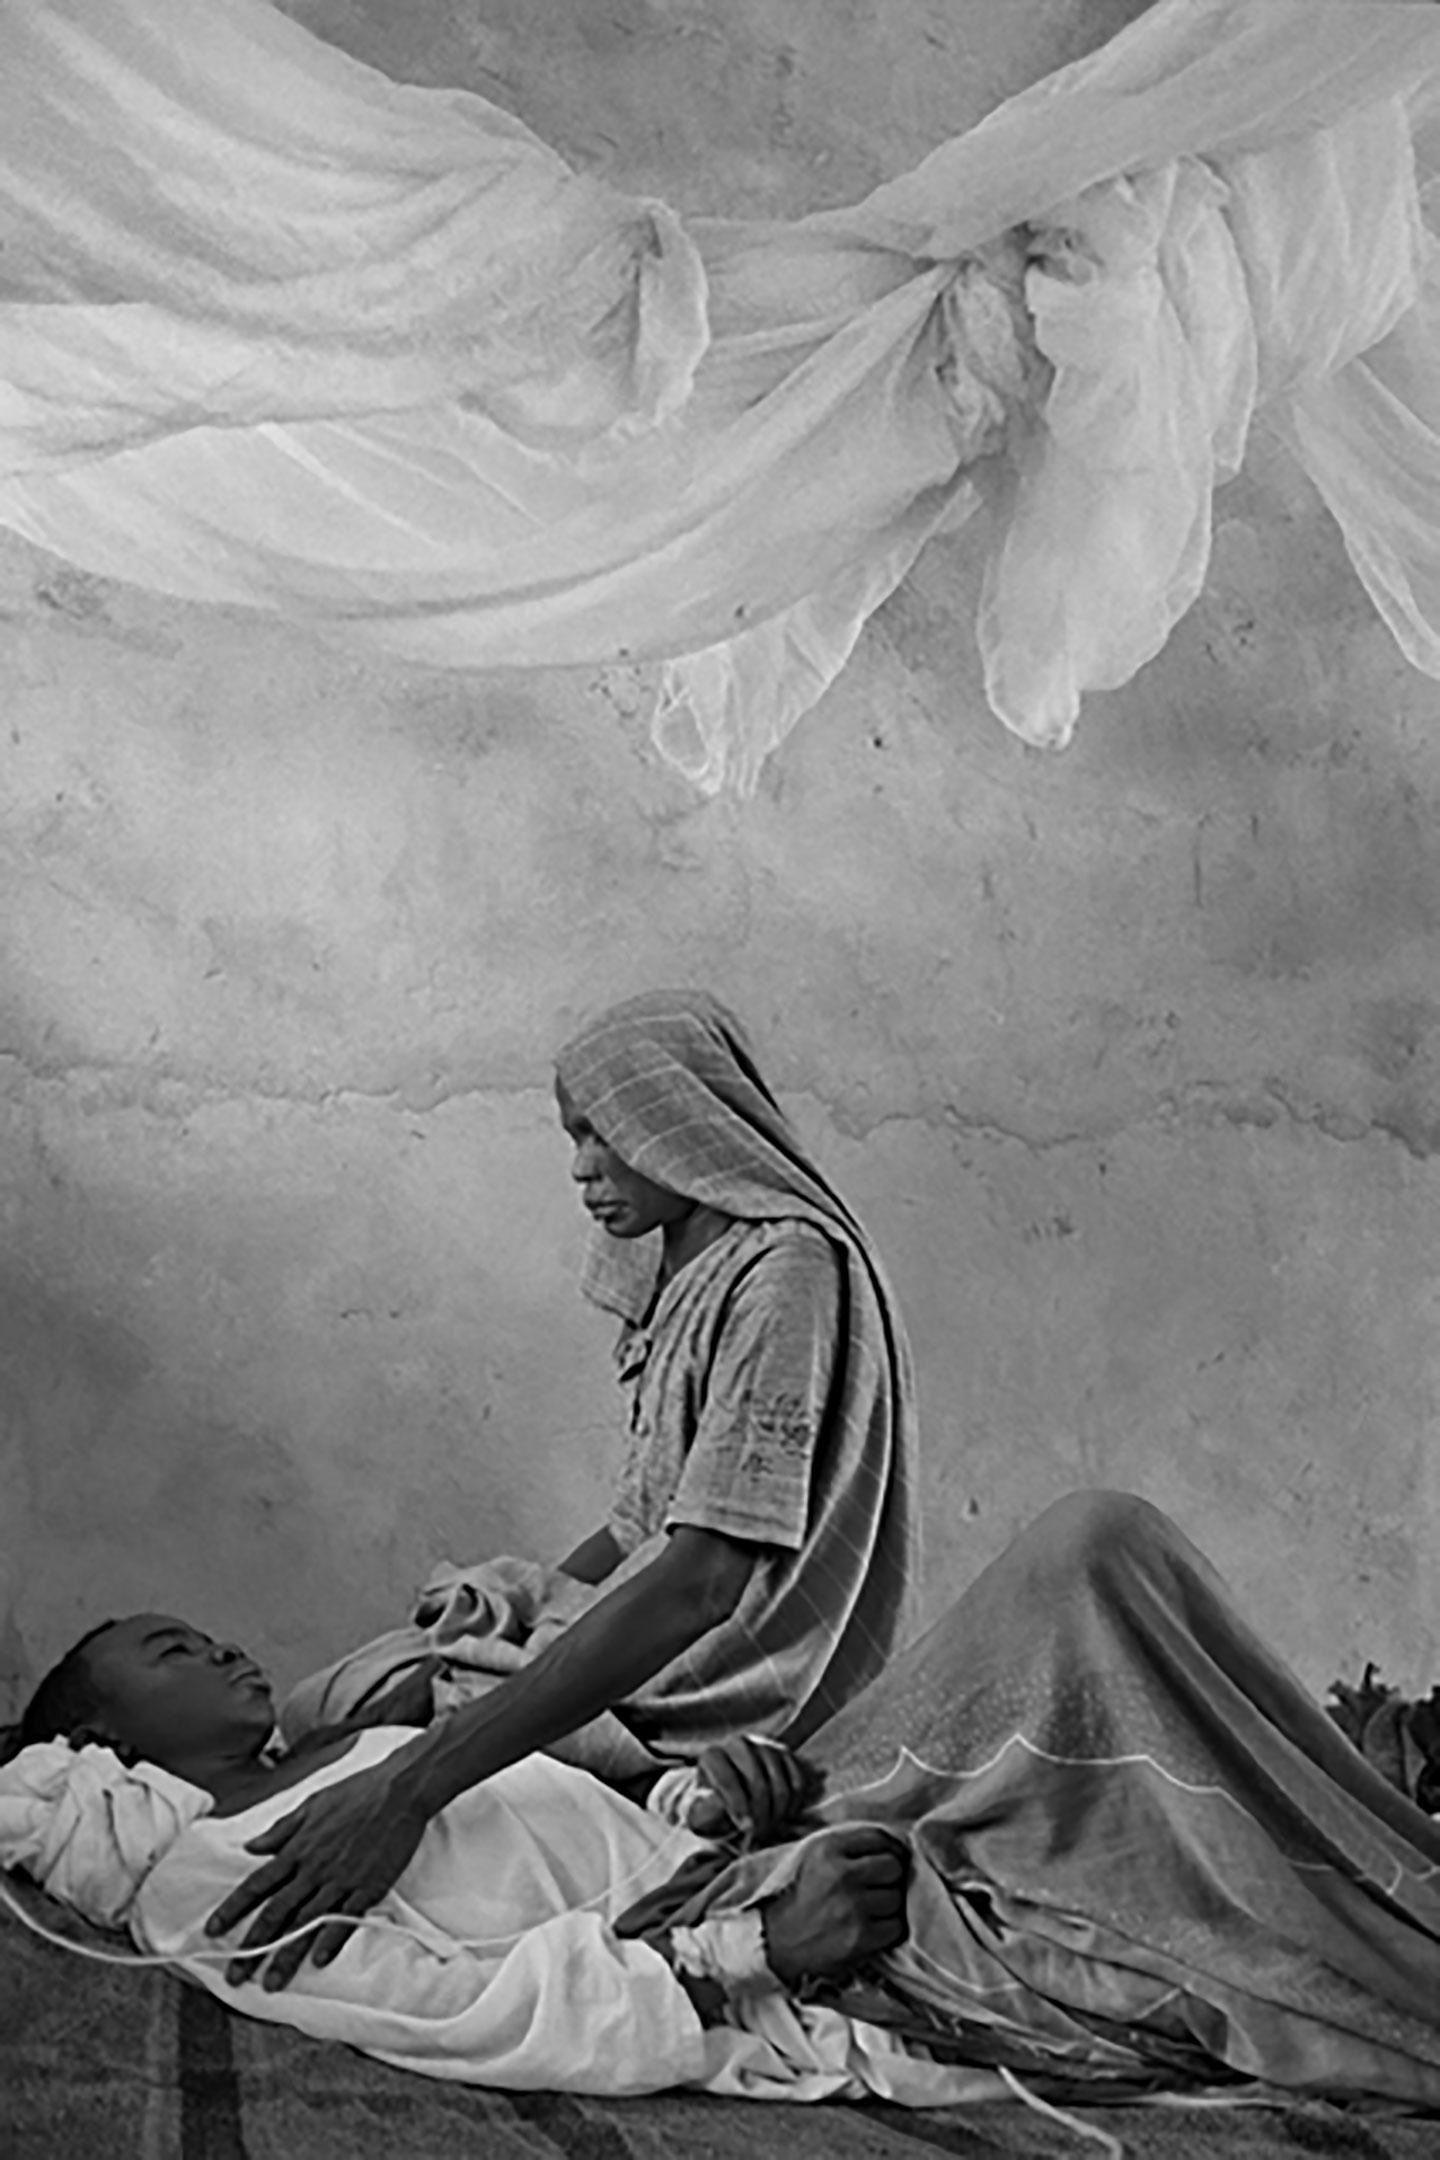 Una madre veglia sul figlio. Sudan, Darfur, 2003. © James Nachtwey/Contrasto